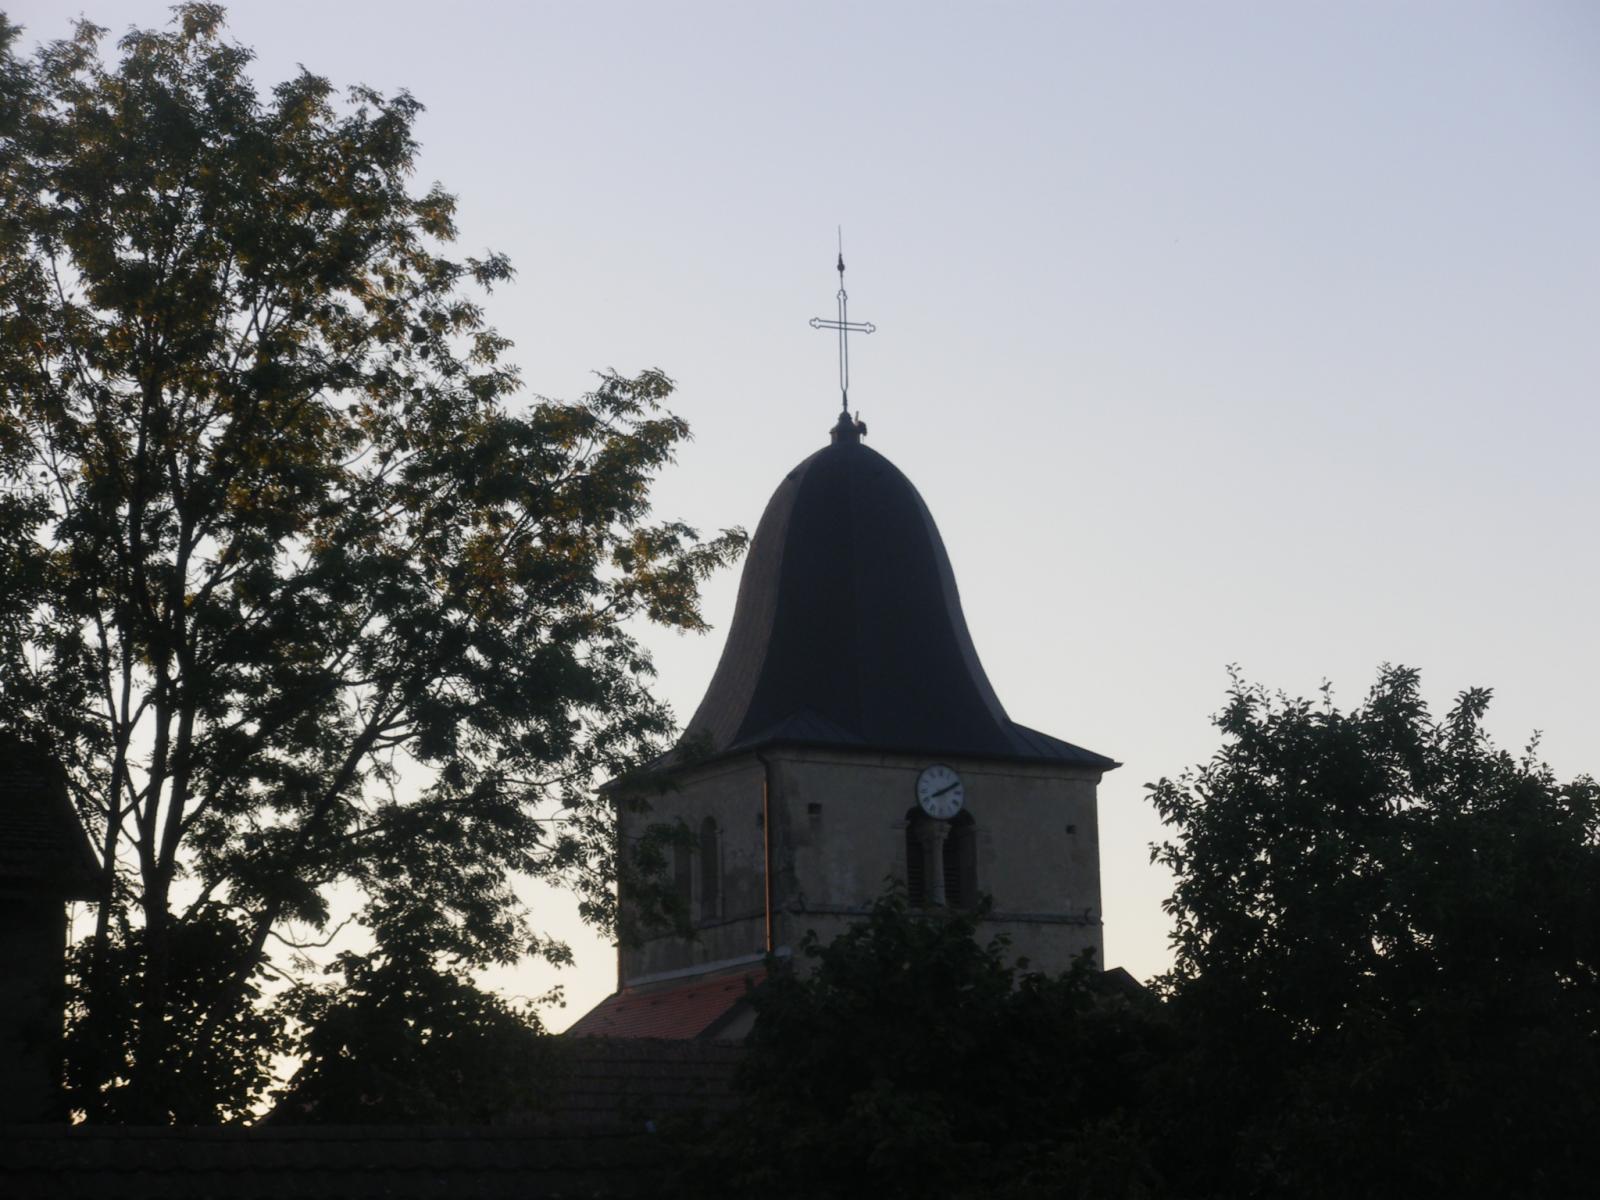 une cigogne sur l'église de desingy